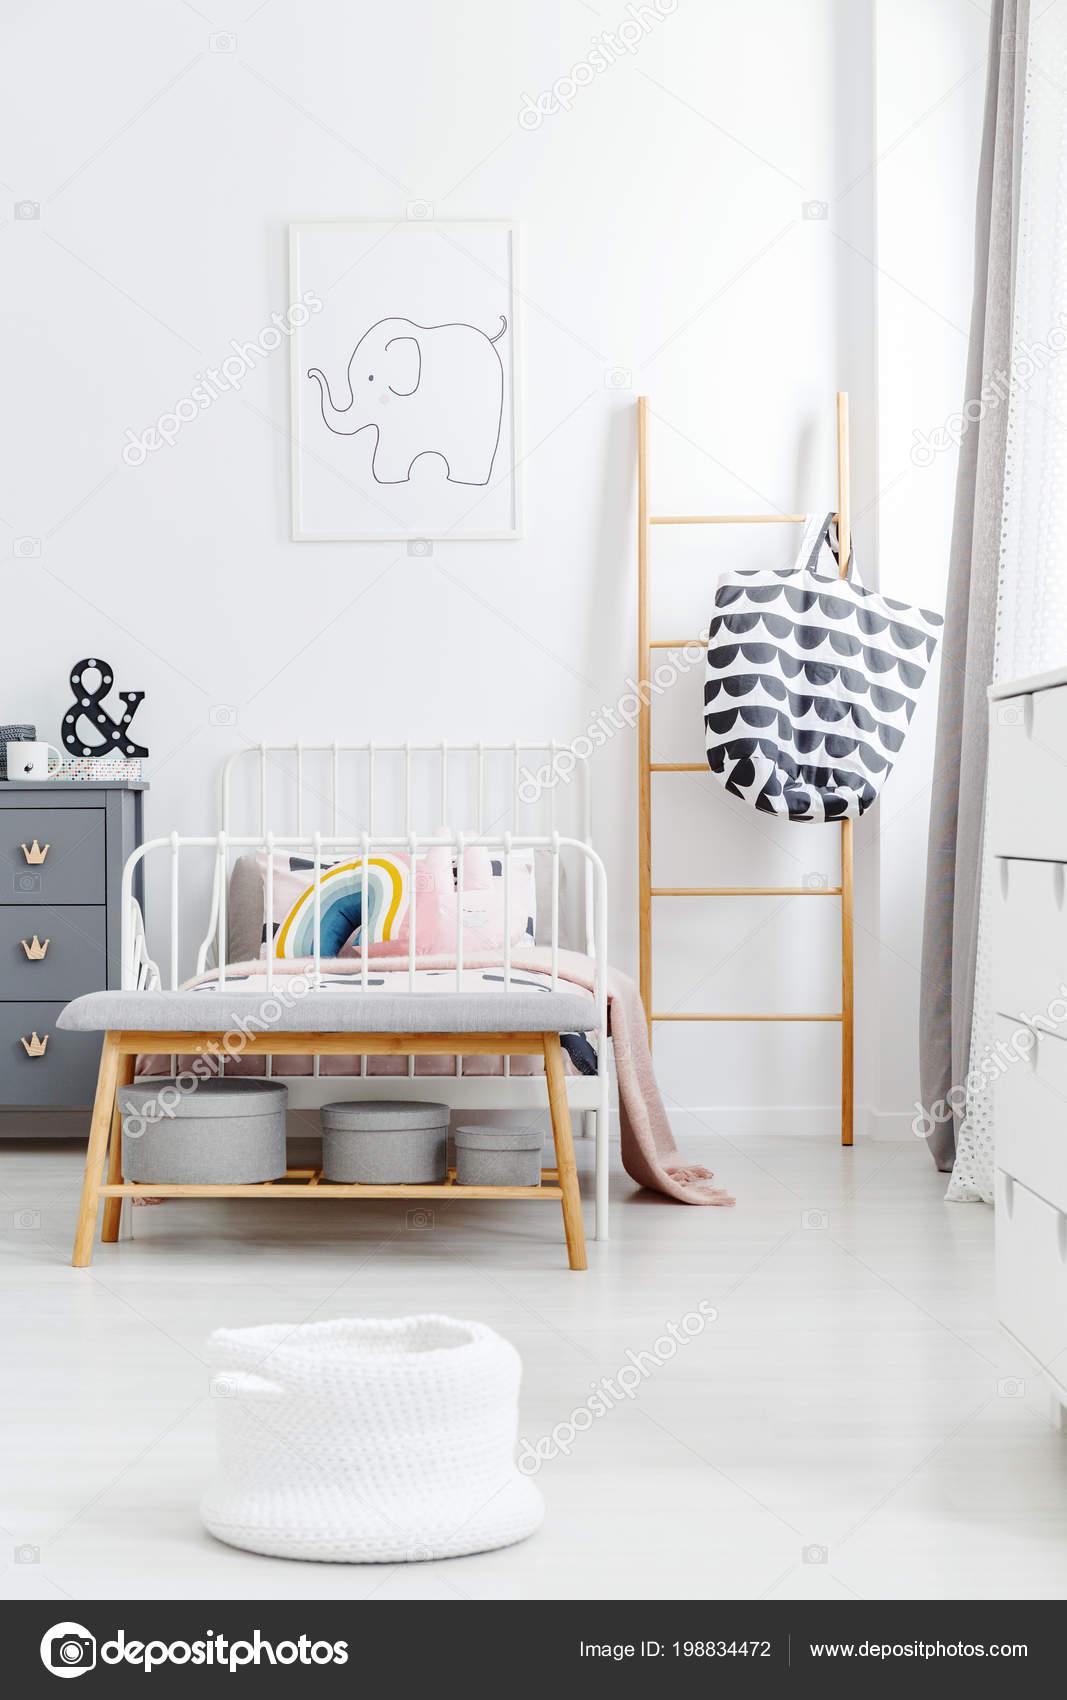 Holzleiter Und Bank Der Nahe Von Weissen Bett Kinderzimmer